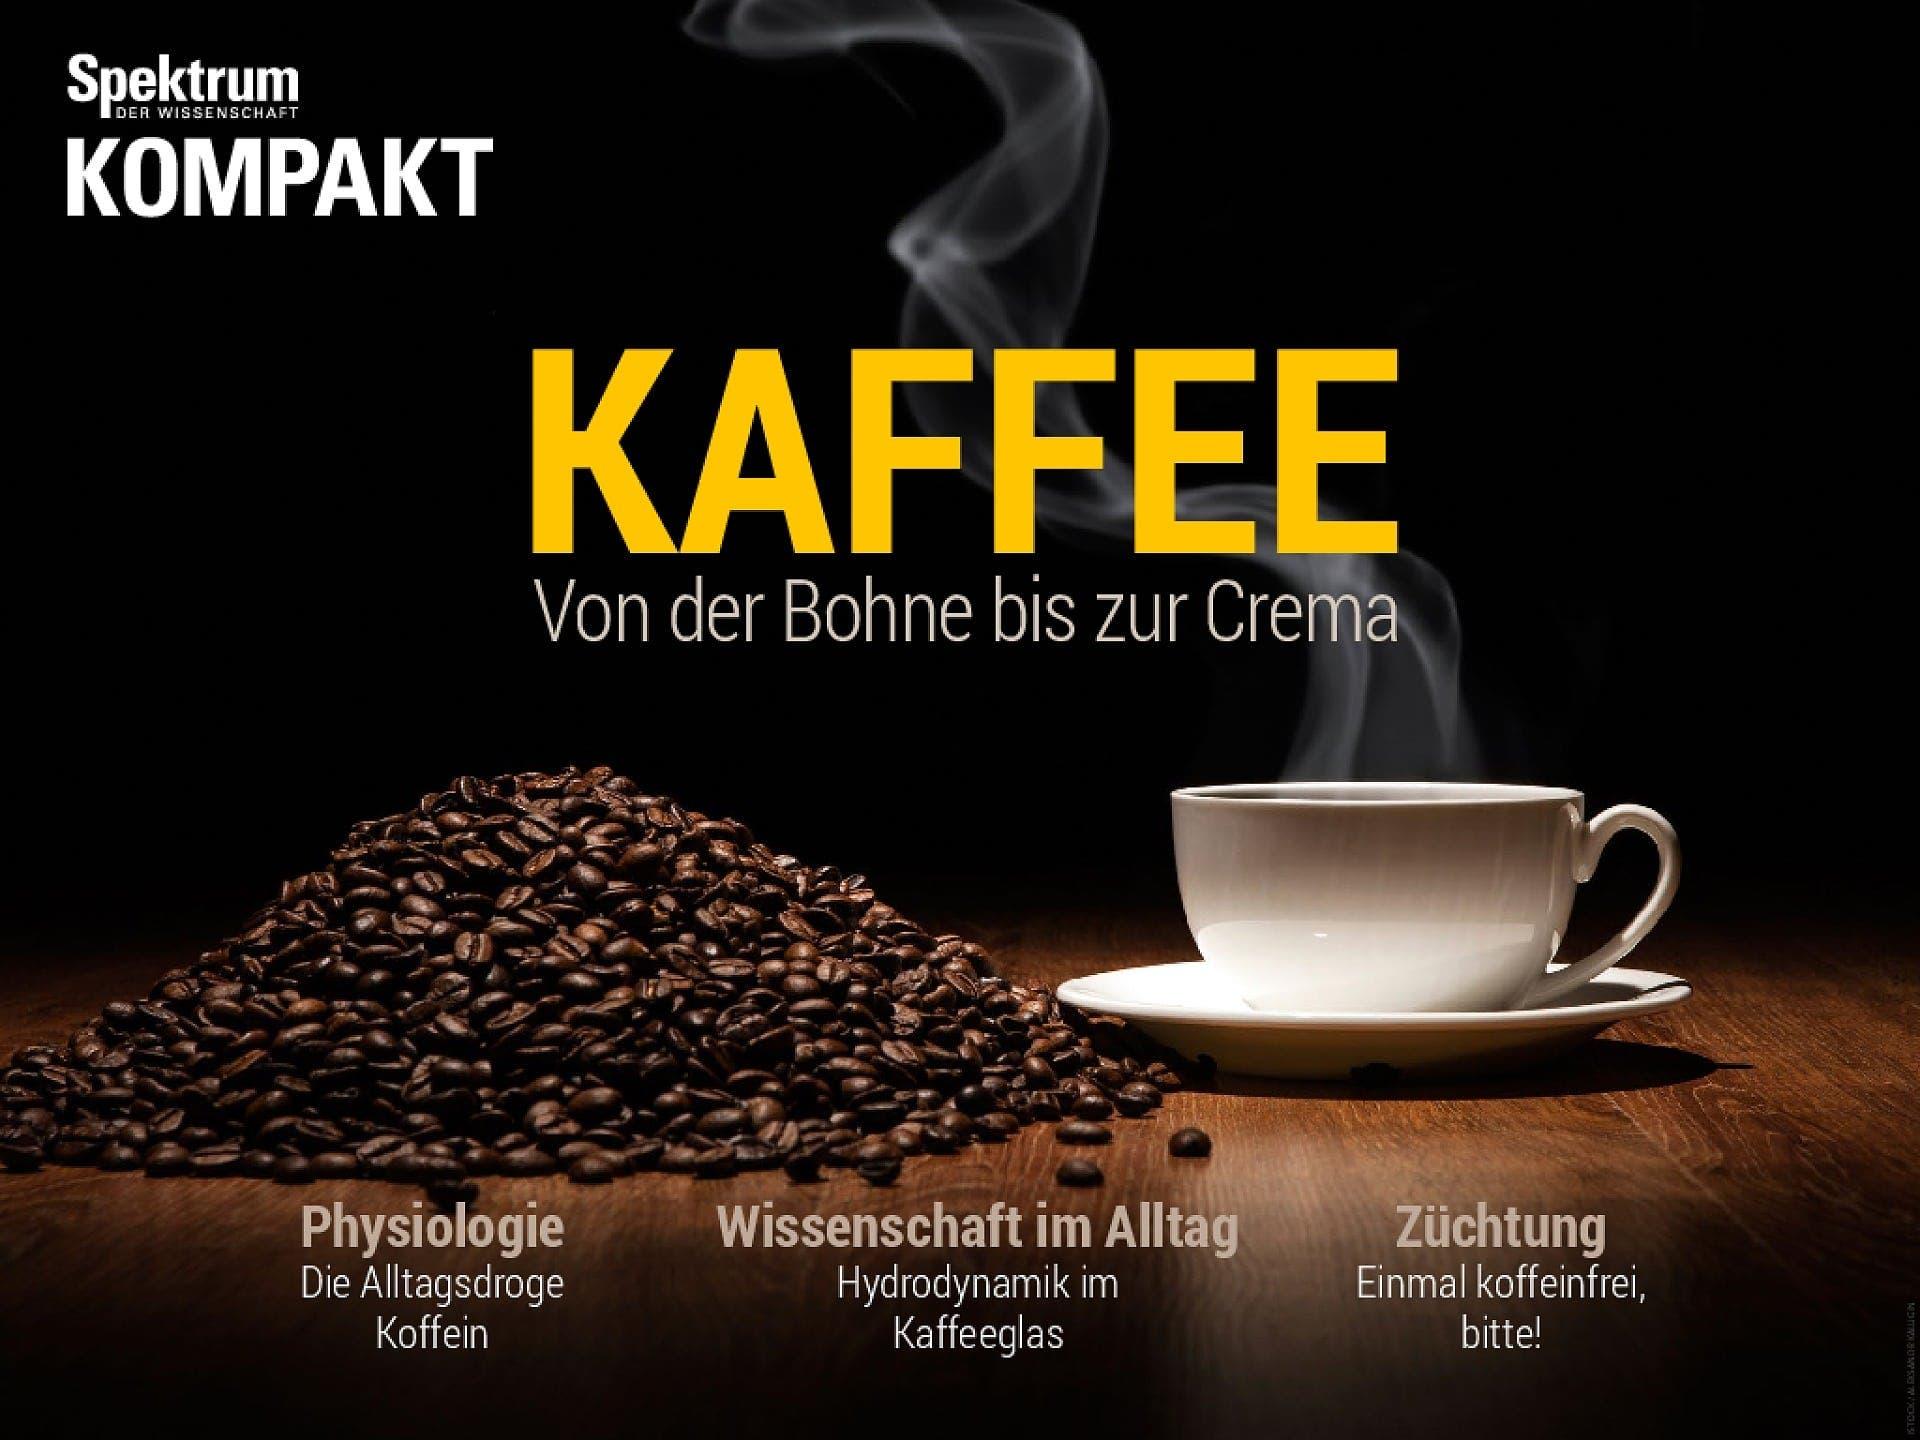 Kaffee - Von der Bohne bis zur Crema